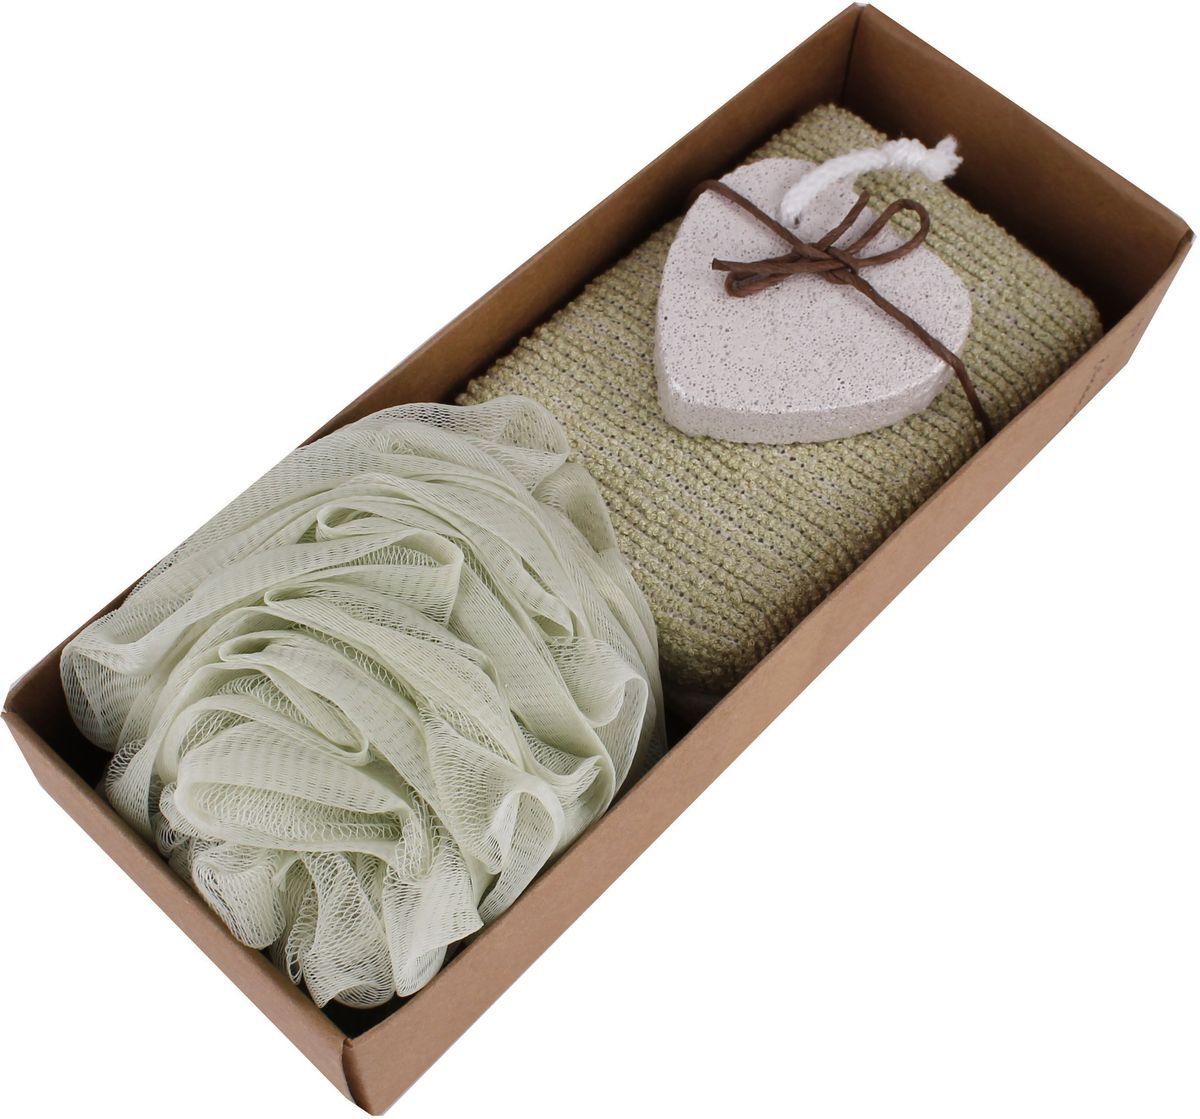 Набор банных аксессуаров Patricia, 3 предмета, цвет: зеленый. IM99-1342/3 набор для специй patricia 4 предмета im99 3920